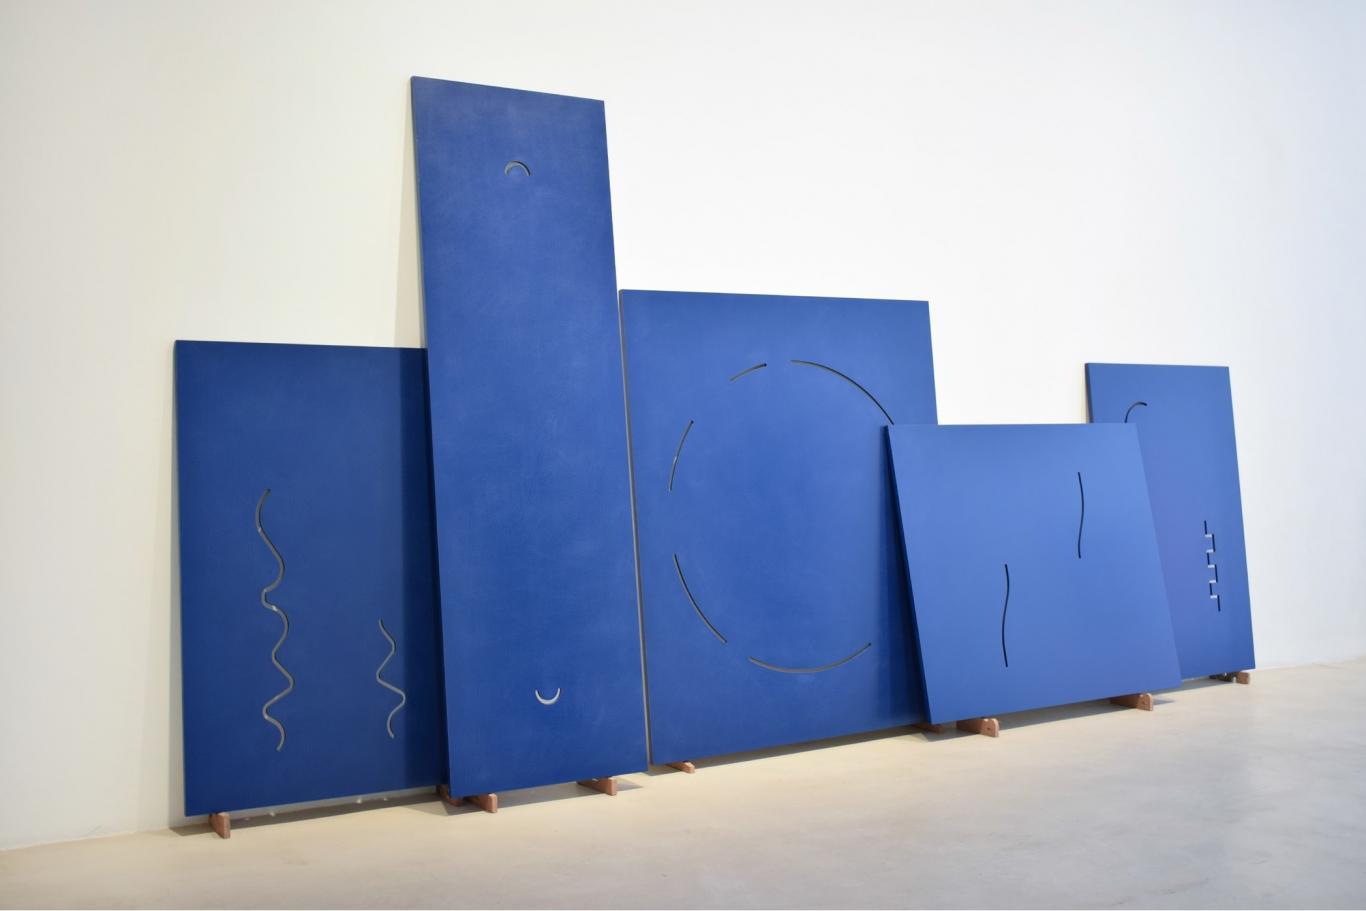 Escultura formada por lamas en color azul